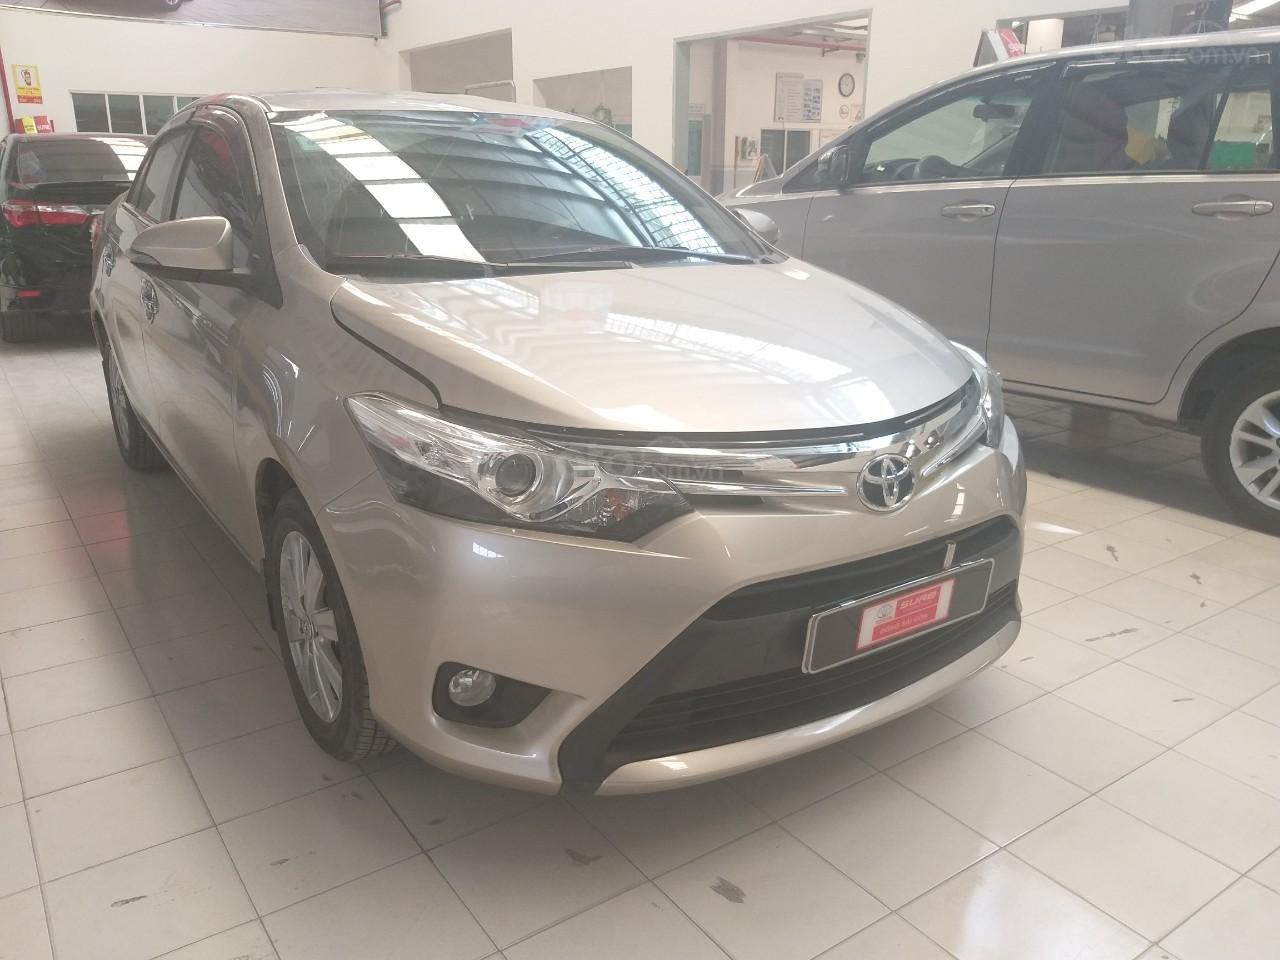 Bán Toyota Vios G đời 2017, màu vàng cát, giá thương lượng (9)